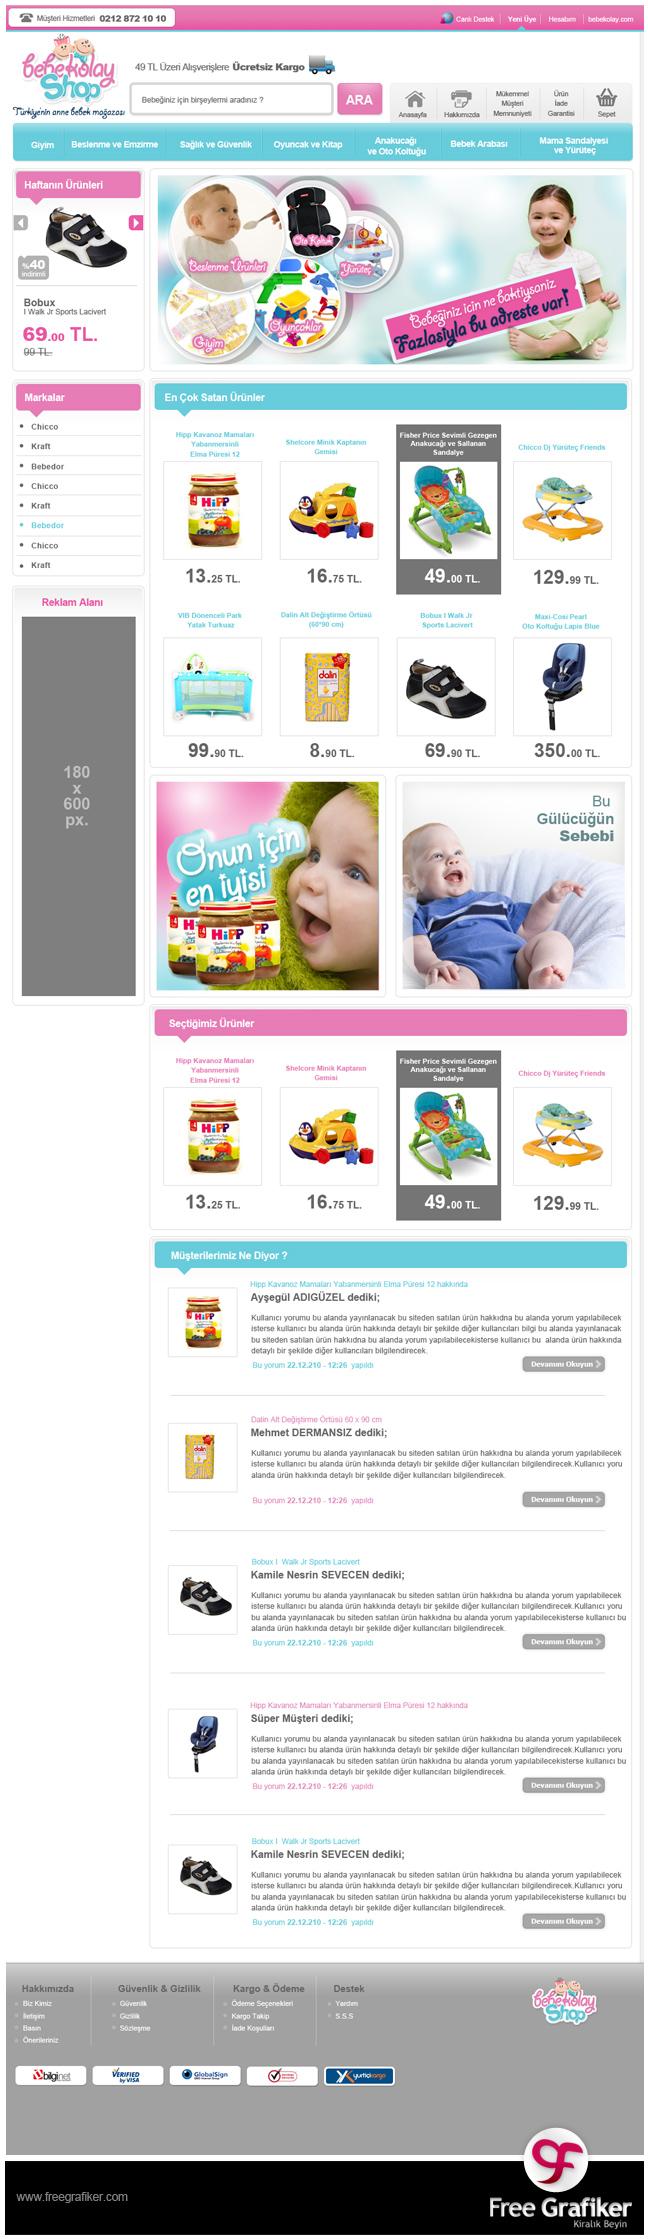 Bebekolayshop e ticaret sitesi tasarımı - anasayfa